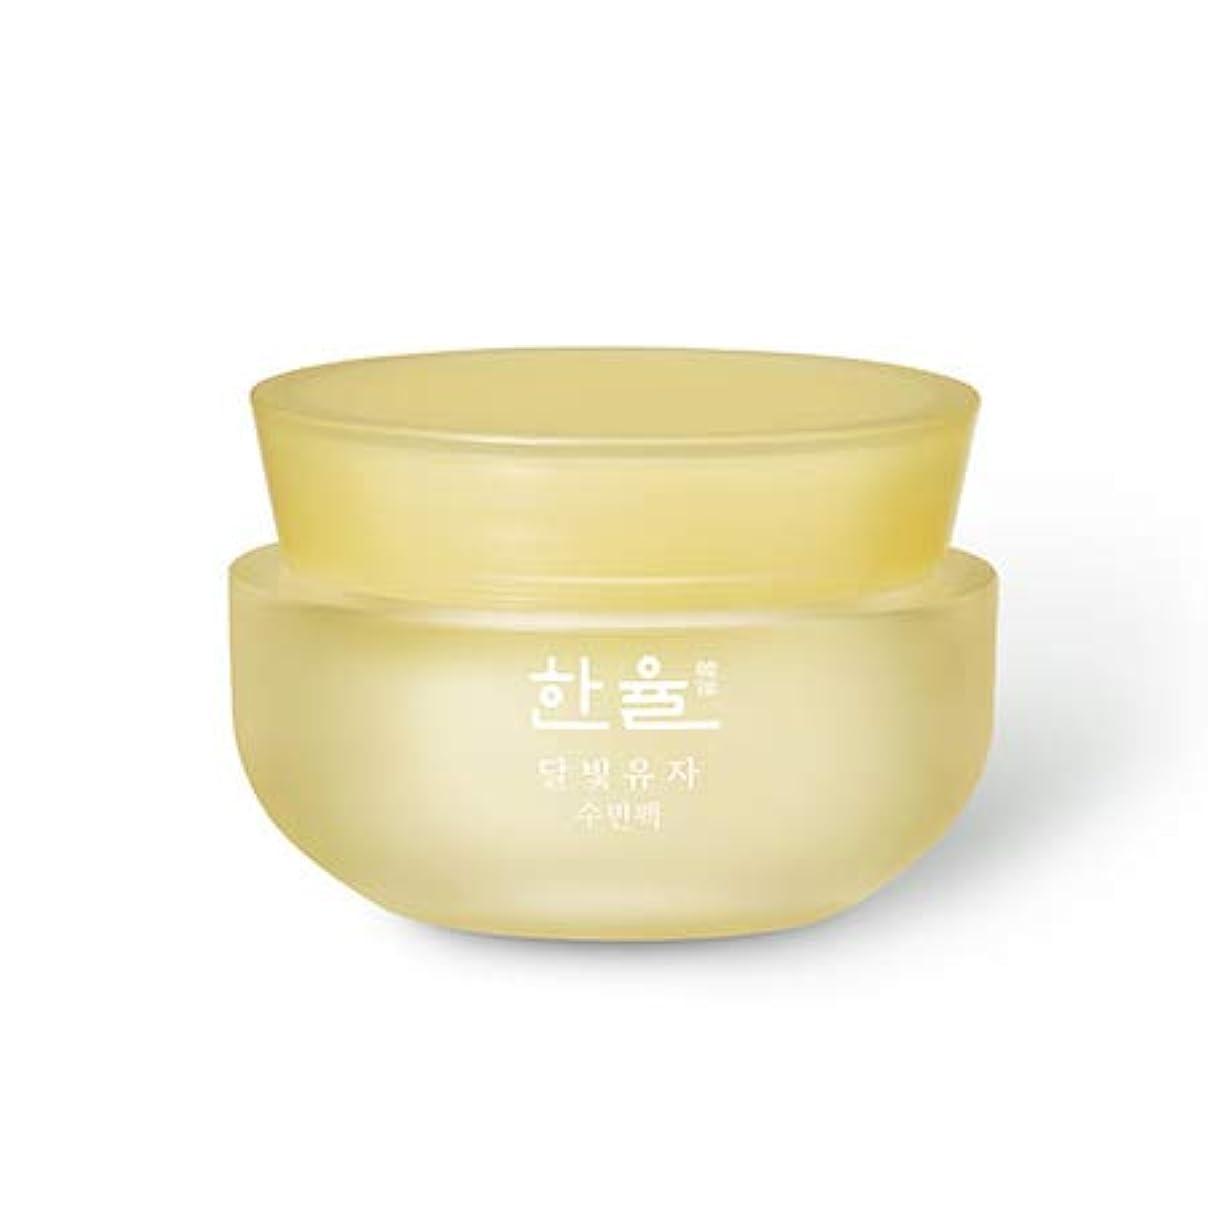 私たちのジャム商品ハンユル(HANYUL) 月光柚子睡眠パック YUJA Sleeping Mask 60ml [並行輸入品]